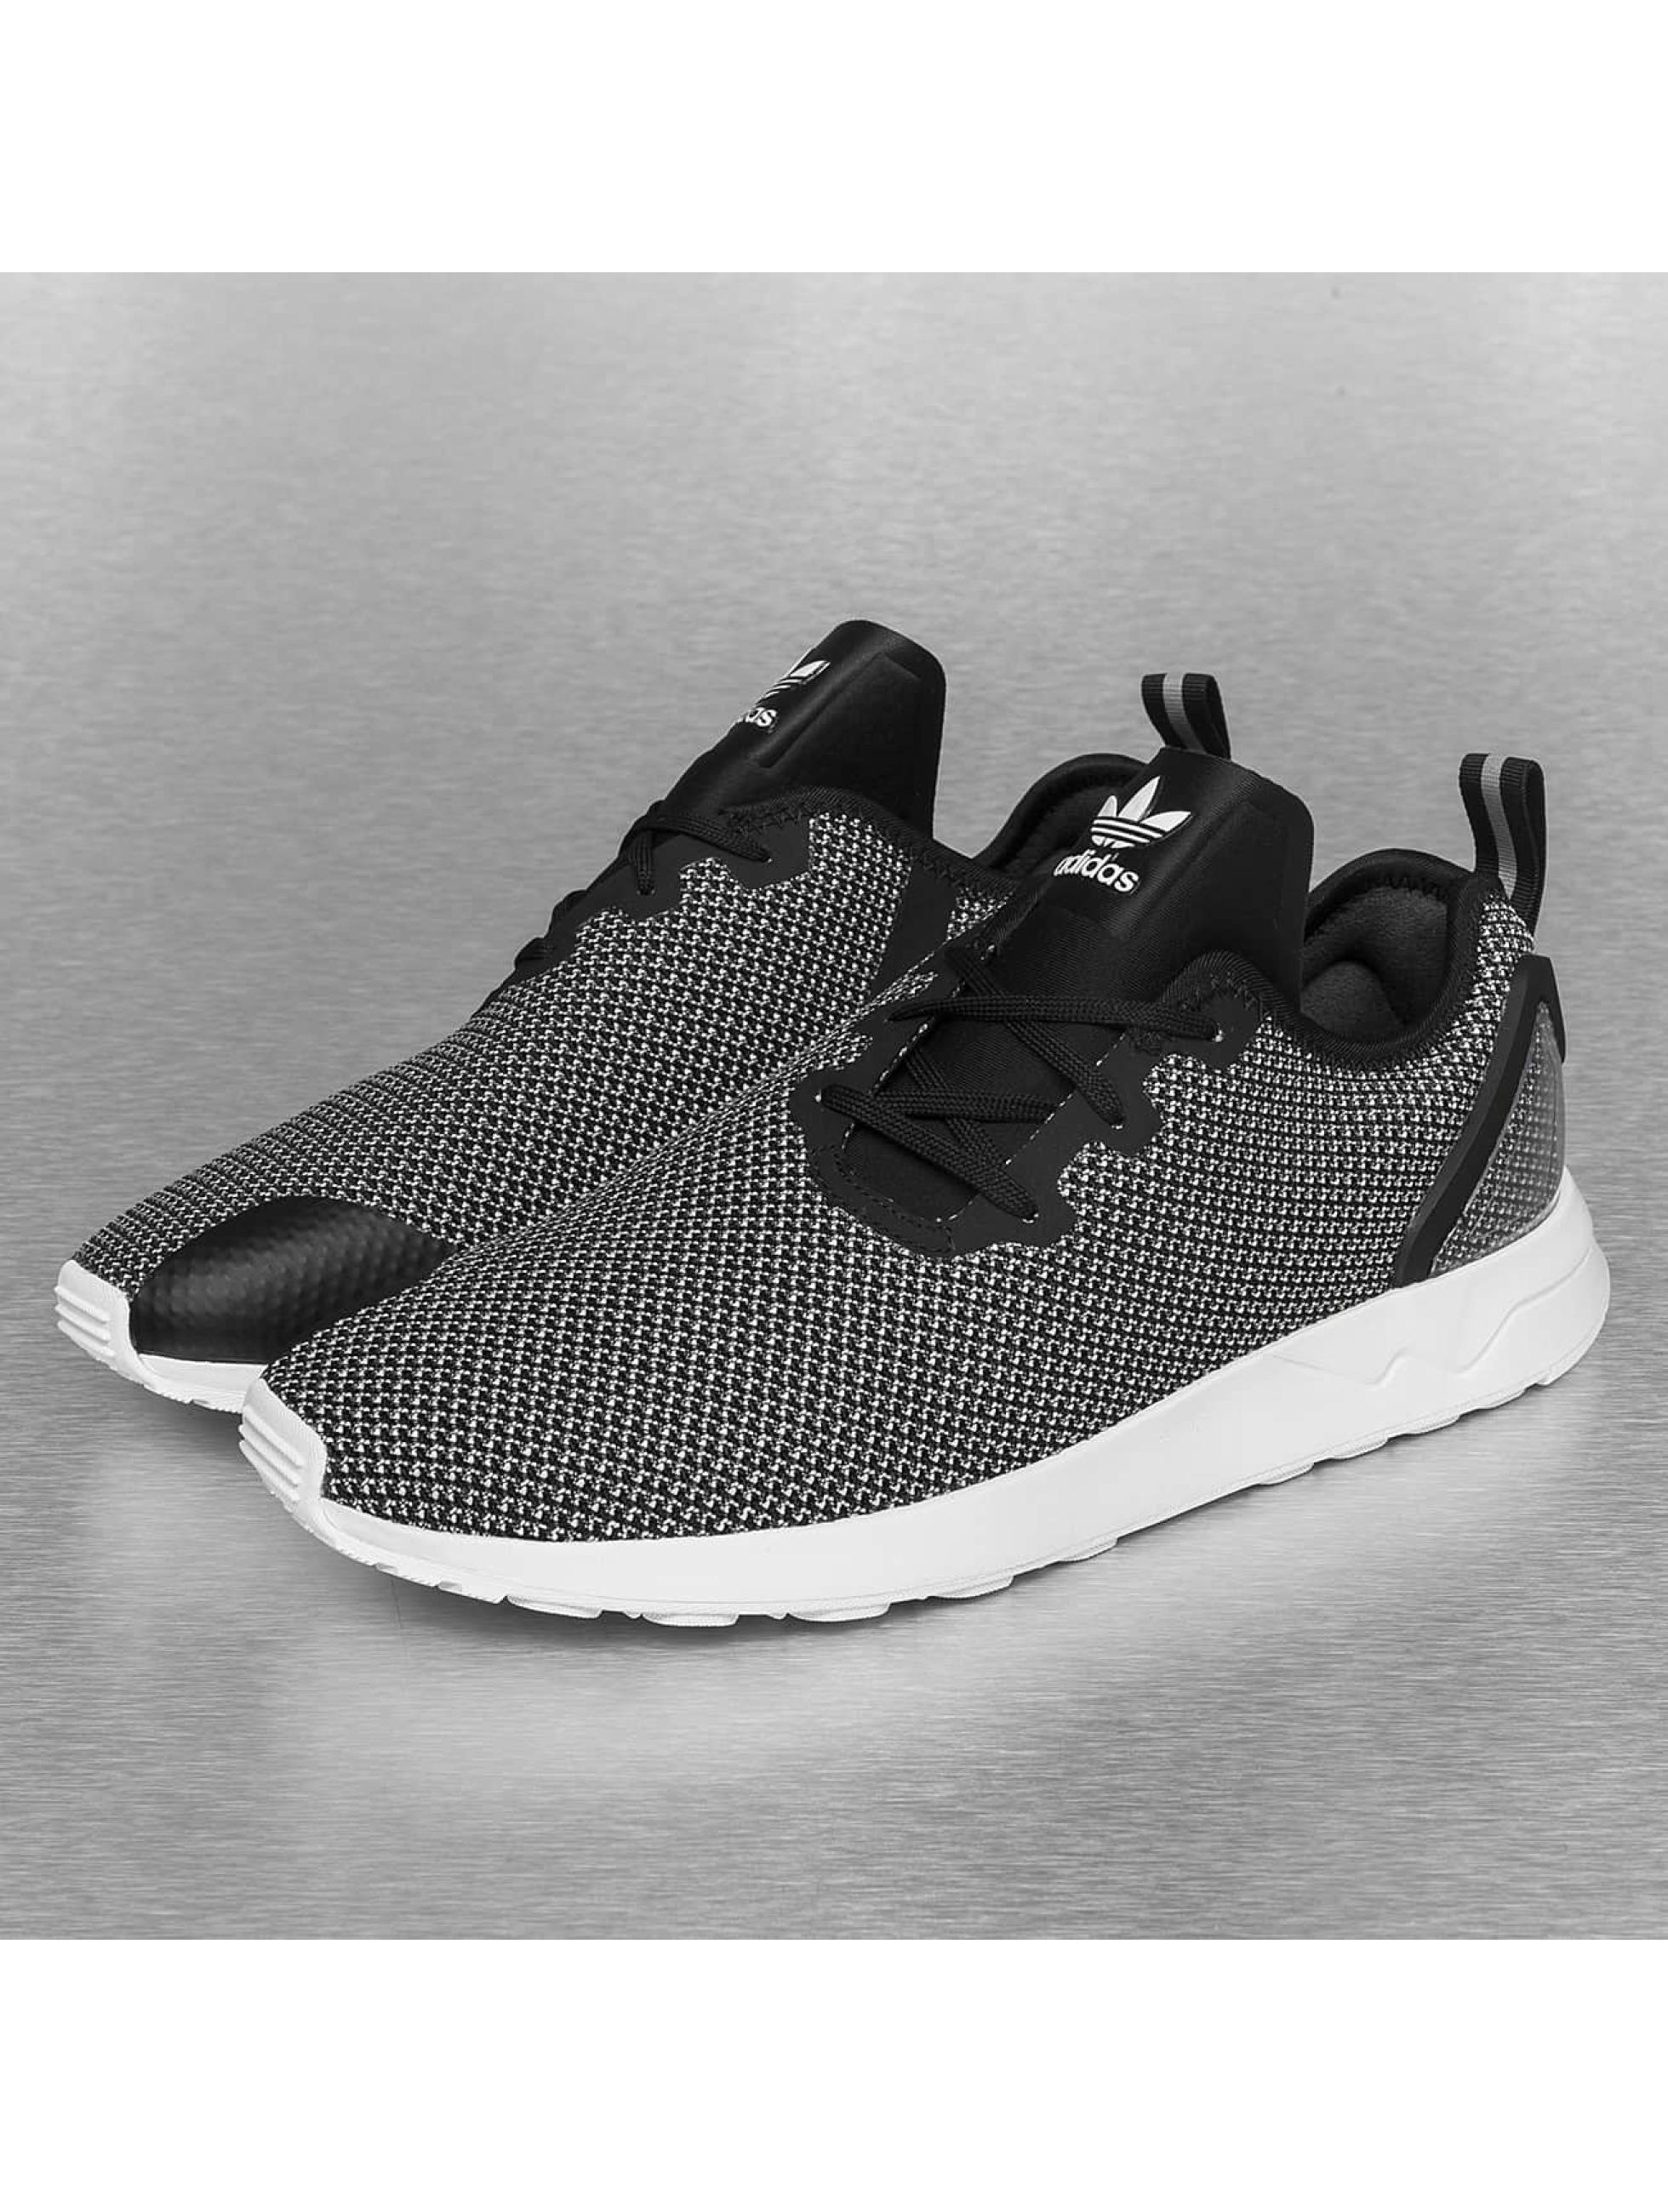 Adidas Zx Flux Punkte